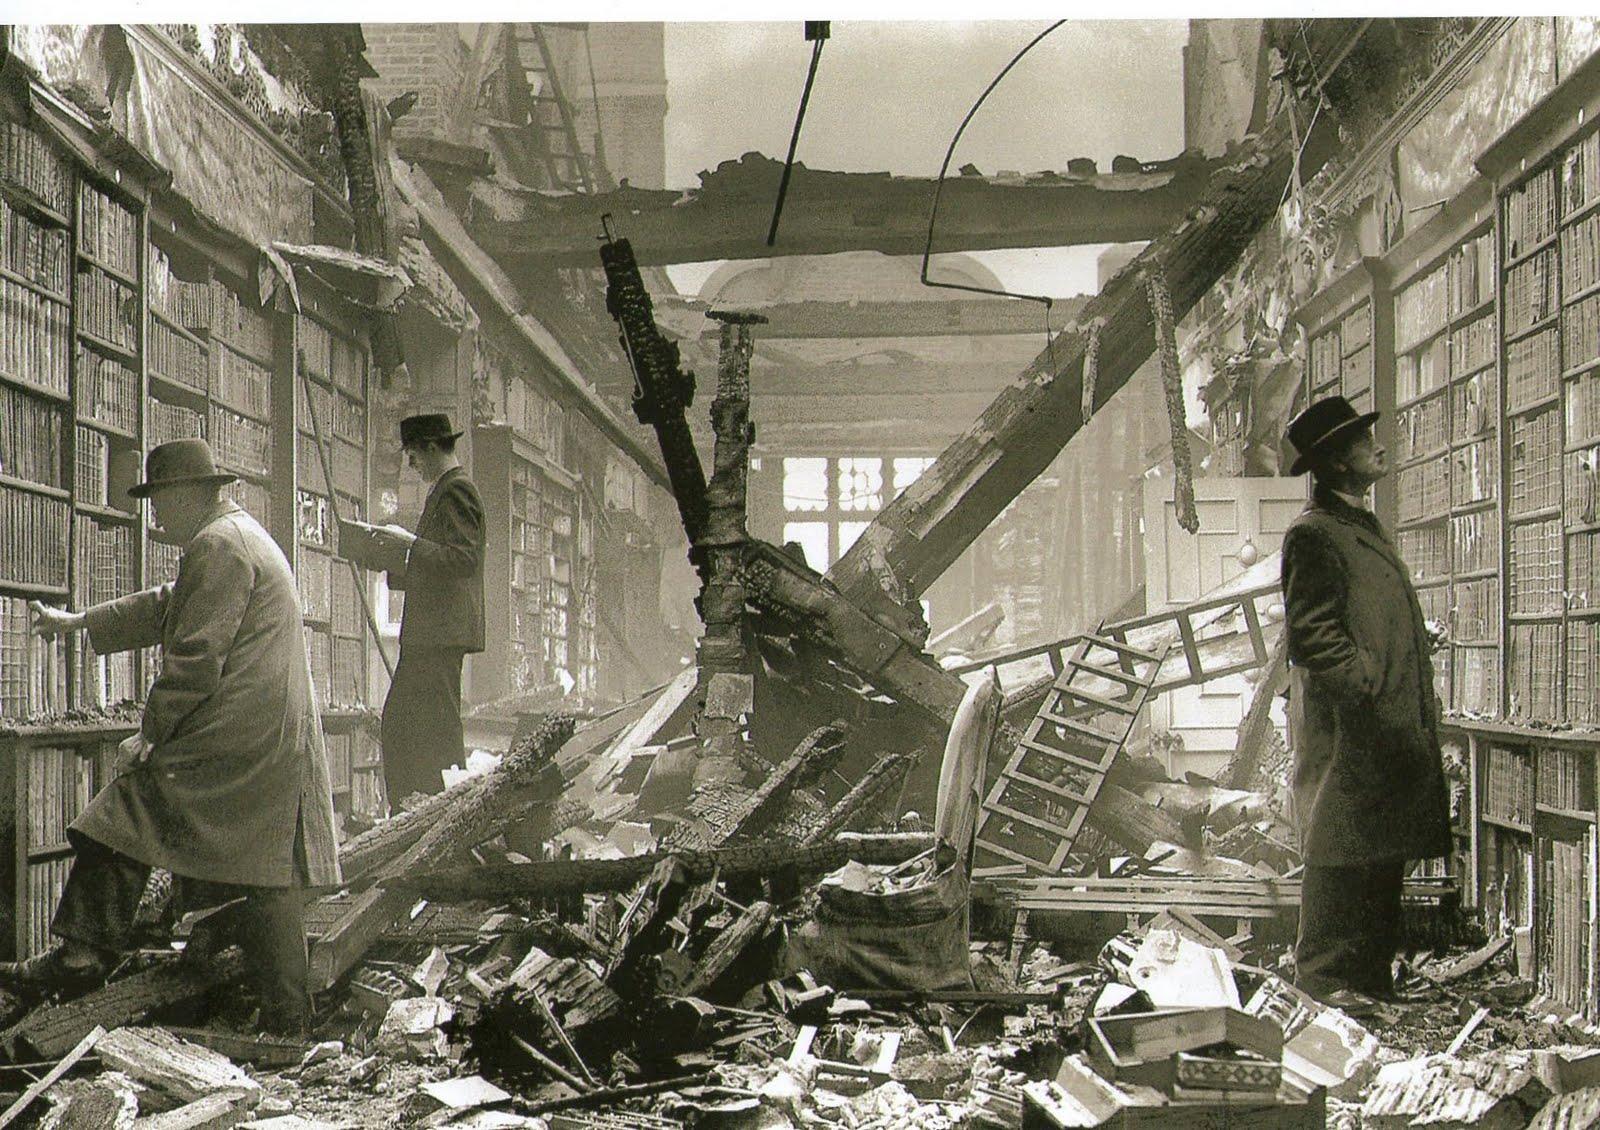 Een foto van een gebombardeerde bibliotheek in Londen. Ondanks de traumatiserende gebeurtenissen lijkt de werkdruk laag en het werkplezier aanwezig bij deze mannen die rustig een boek uit de kast zoeken.